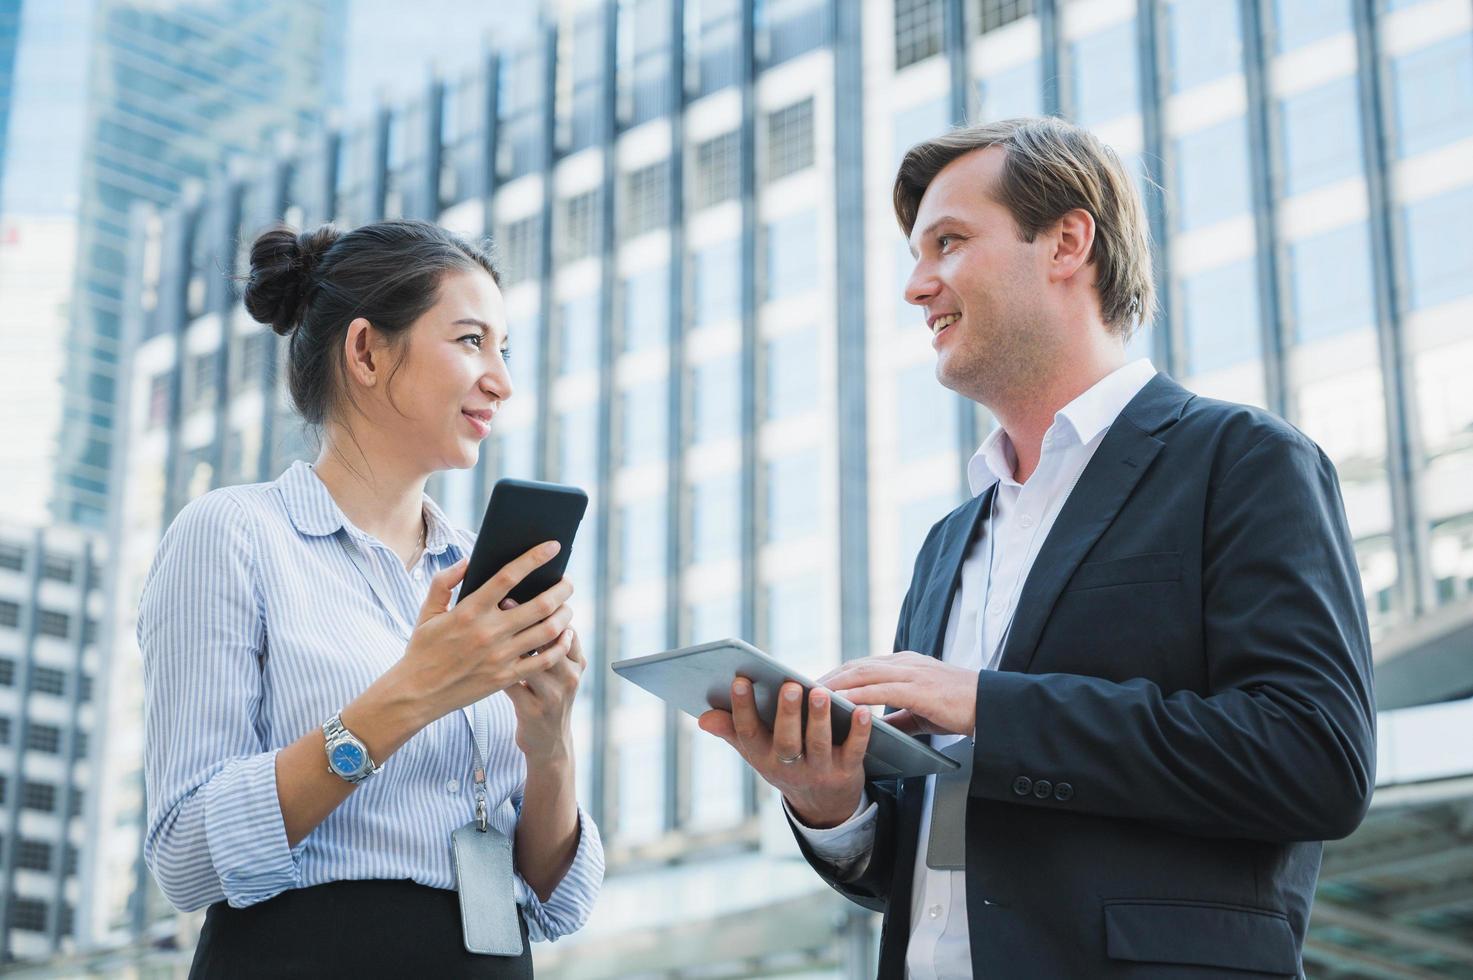 retrato, de, hombre de negocios, y, mujer, utilizar, tableta, y, smartphone foto